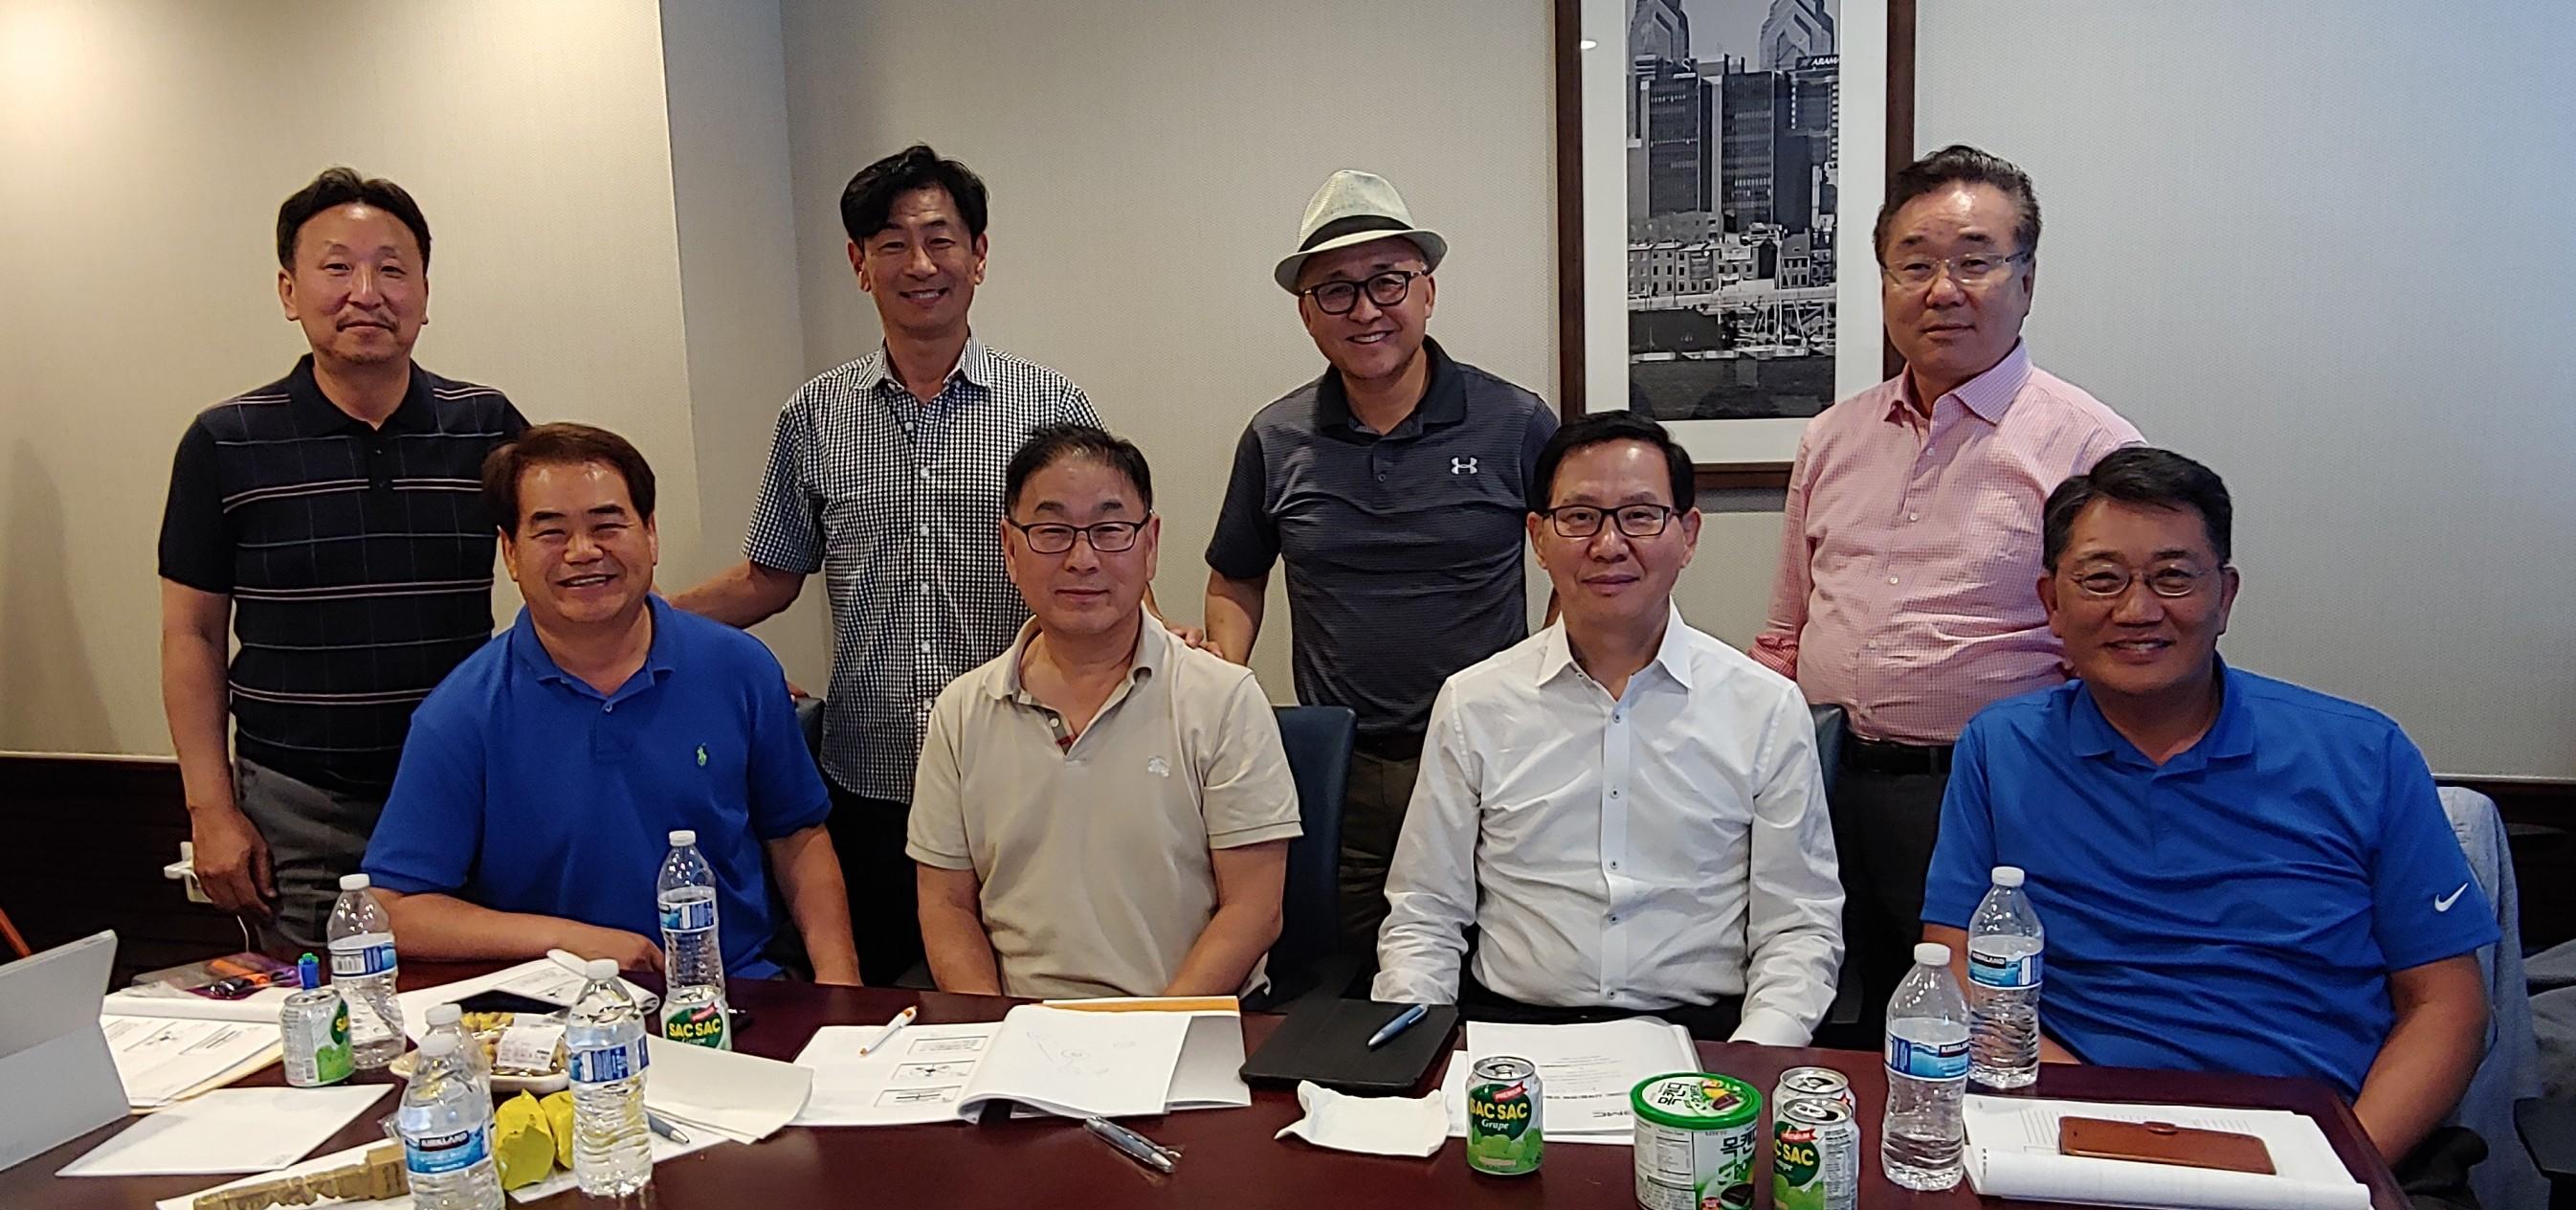 북미주 KCBMC 사역팀/장기전략 수련회/사역기획 모임